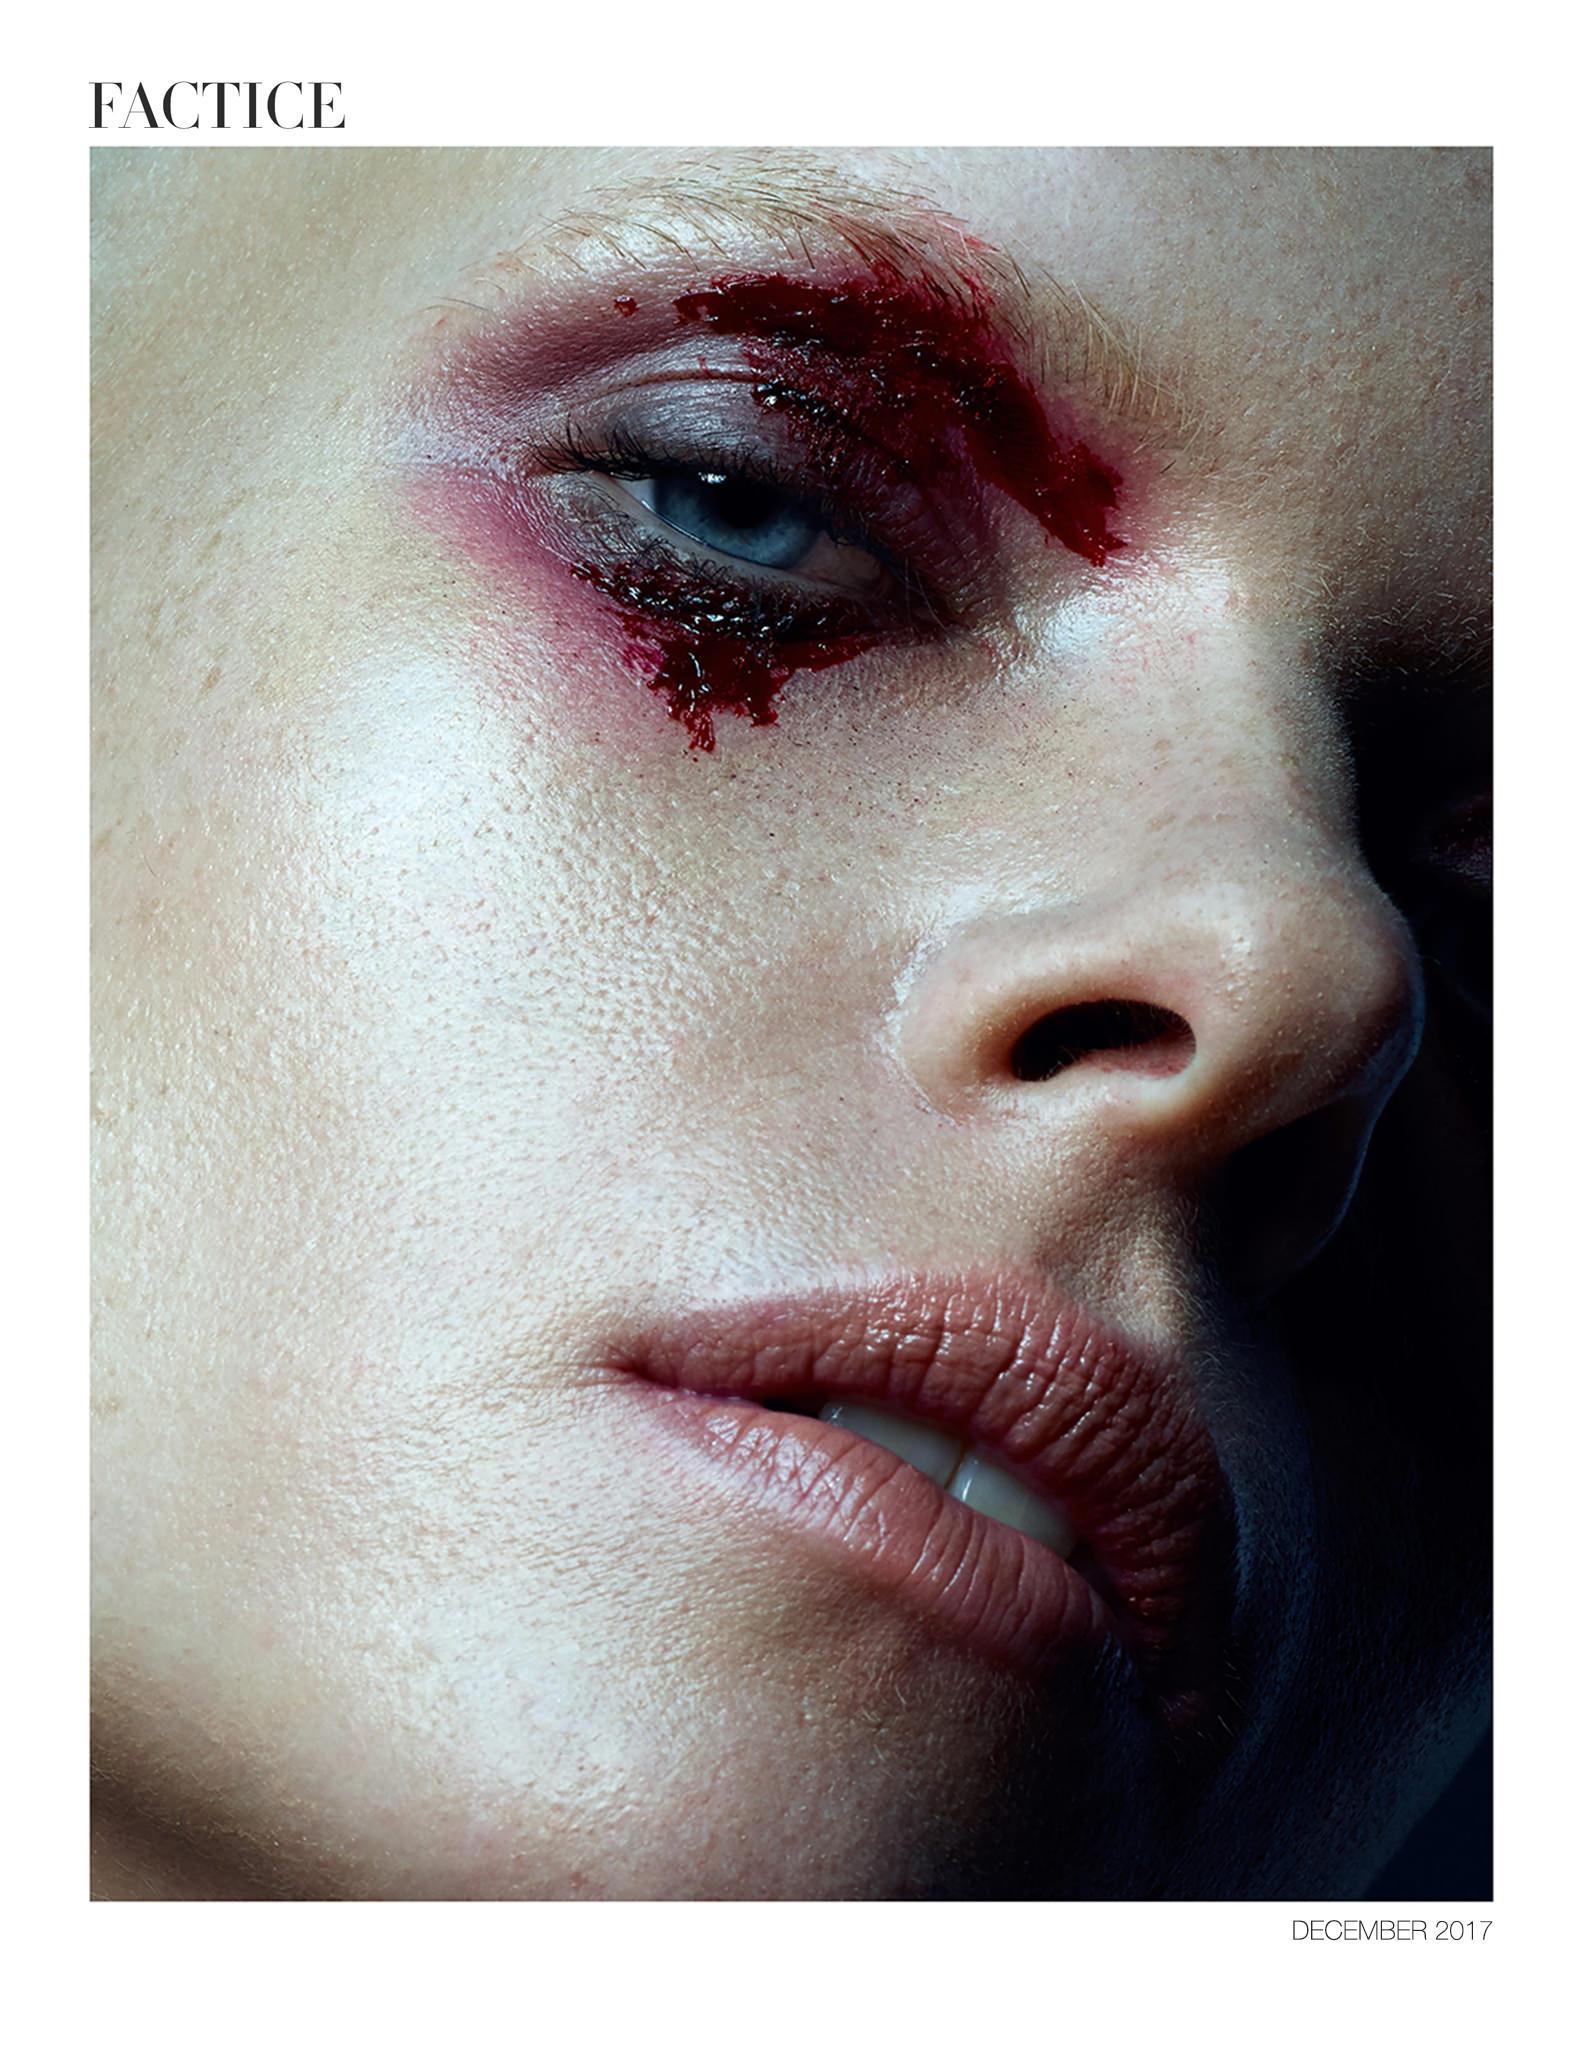 Factice-Tear-2.jpg